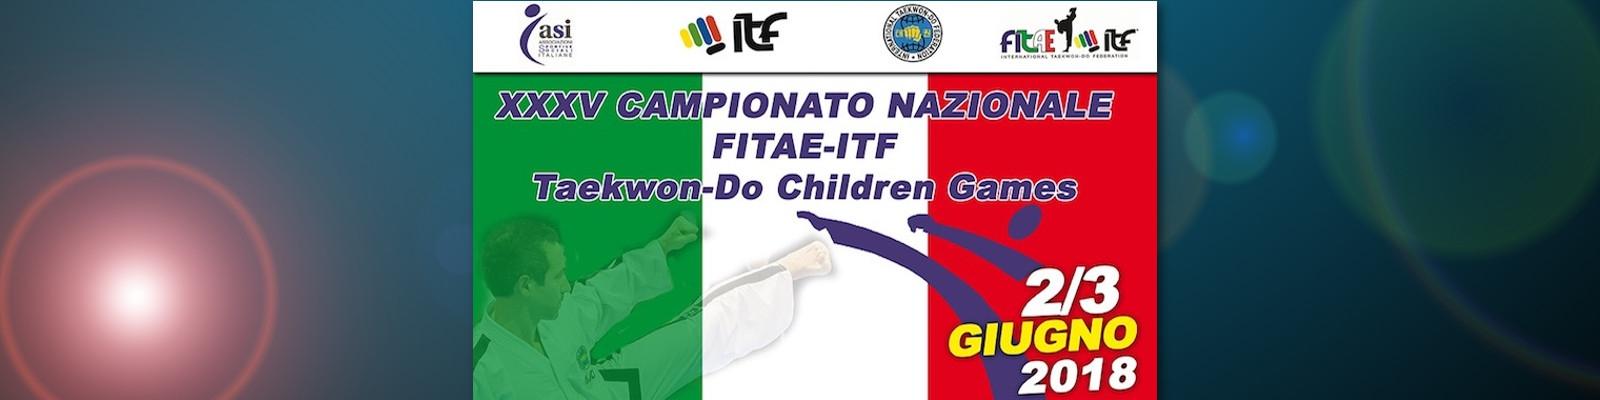 Calendario Itf.Itf Italy Campionato Nazionale Fitae Itf 2018